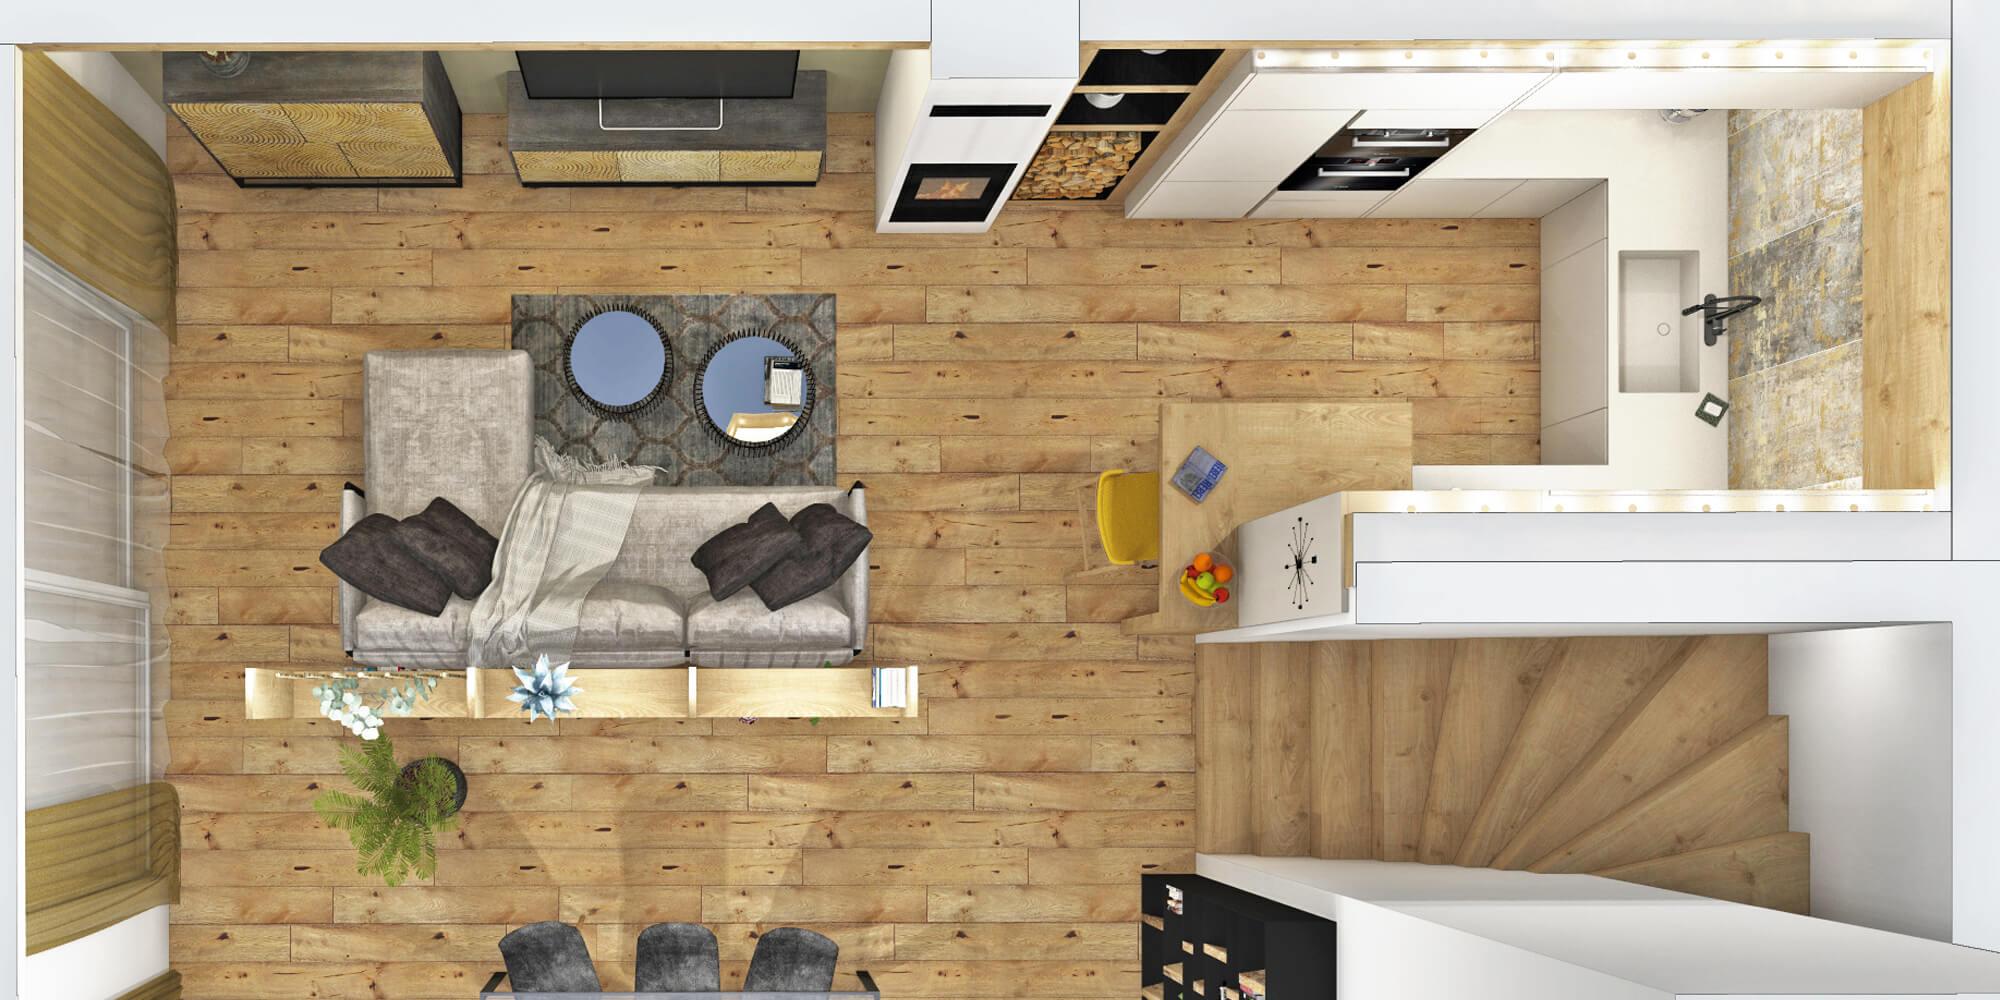 Cre-Plan-Design-Rauch-Frühmann-Architektur-Innenarchitektur-Design-Projekt-Referenz-Innenarchitektur-Möbeldesign-Einrichtung-Kochen-Essen-Top-8-4